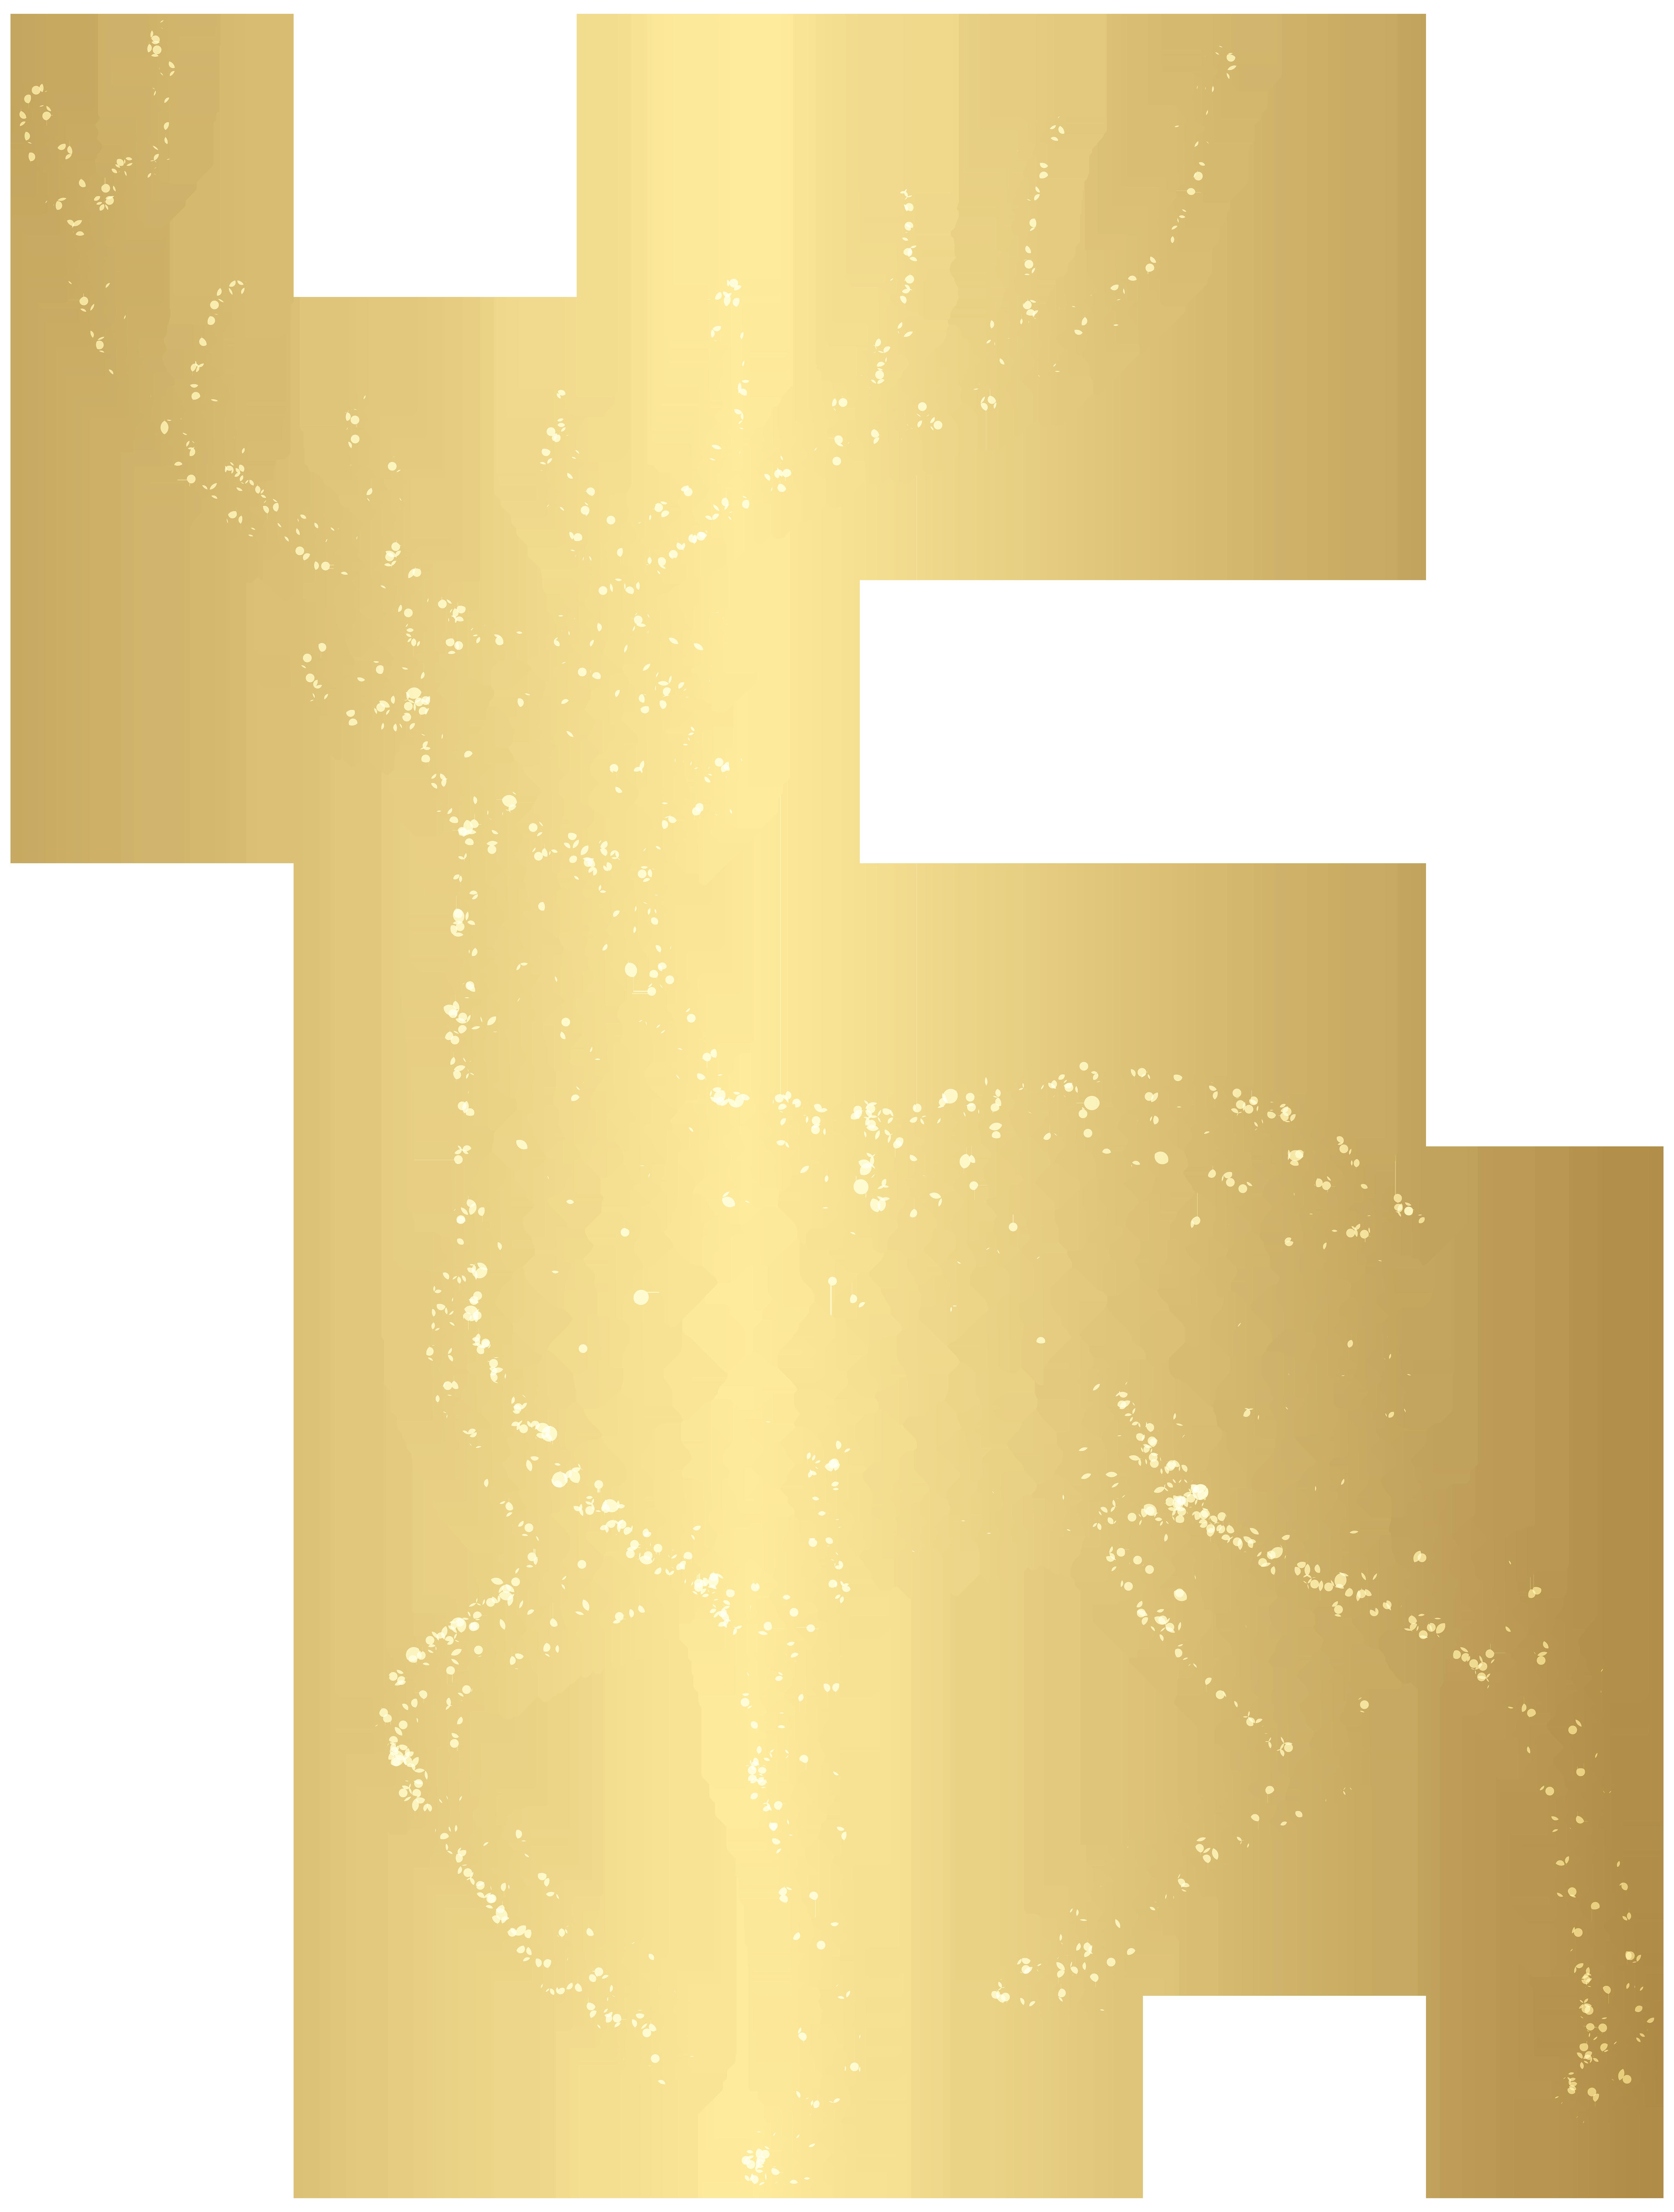 Visual arts giraffe pattern. Clipart reindeer ornament antler clipart